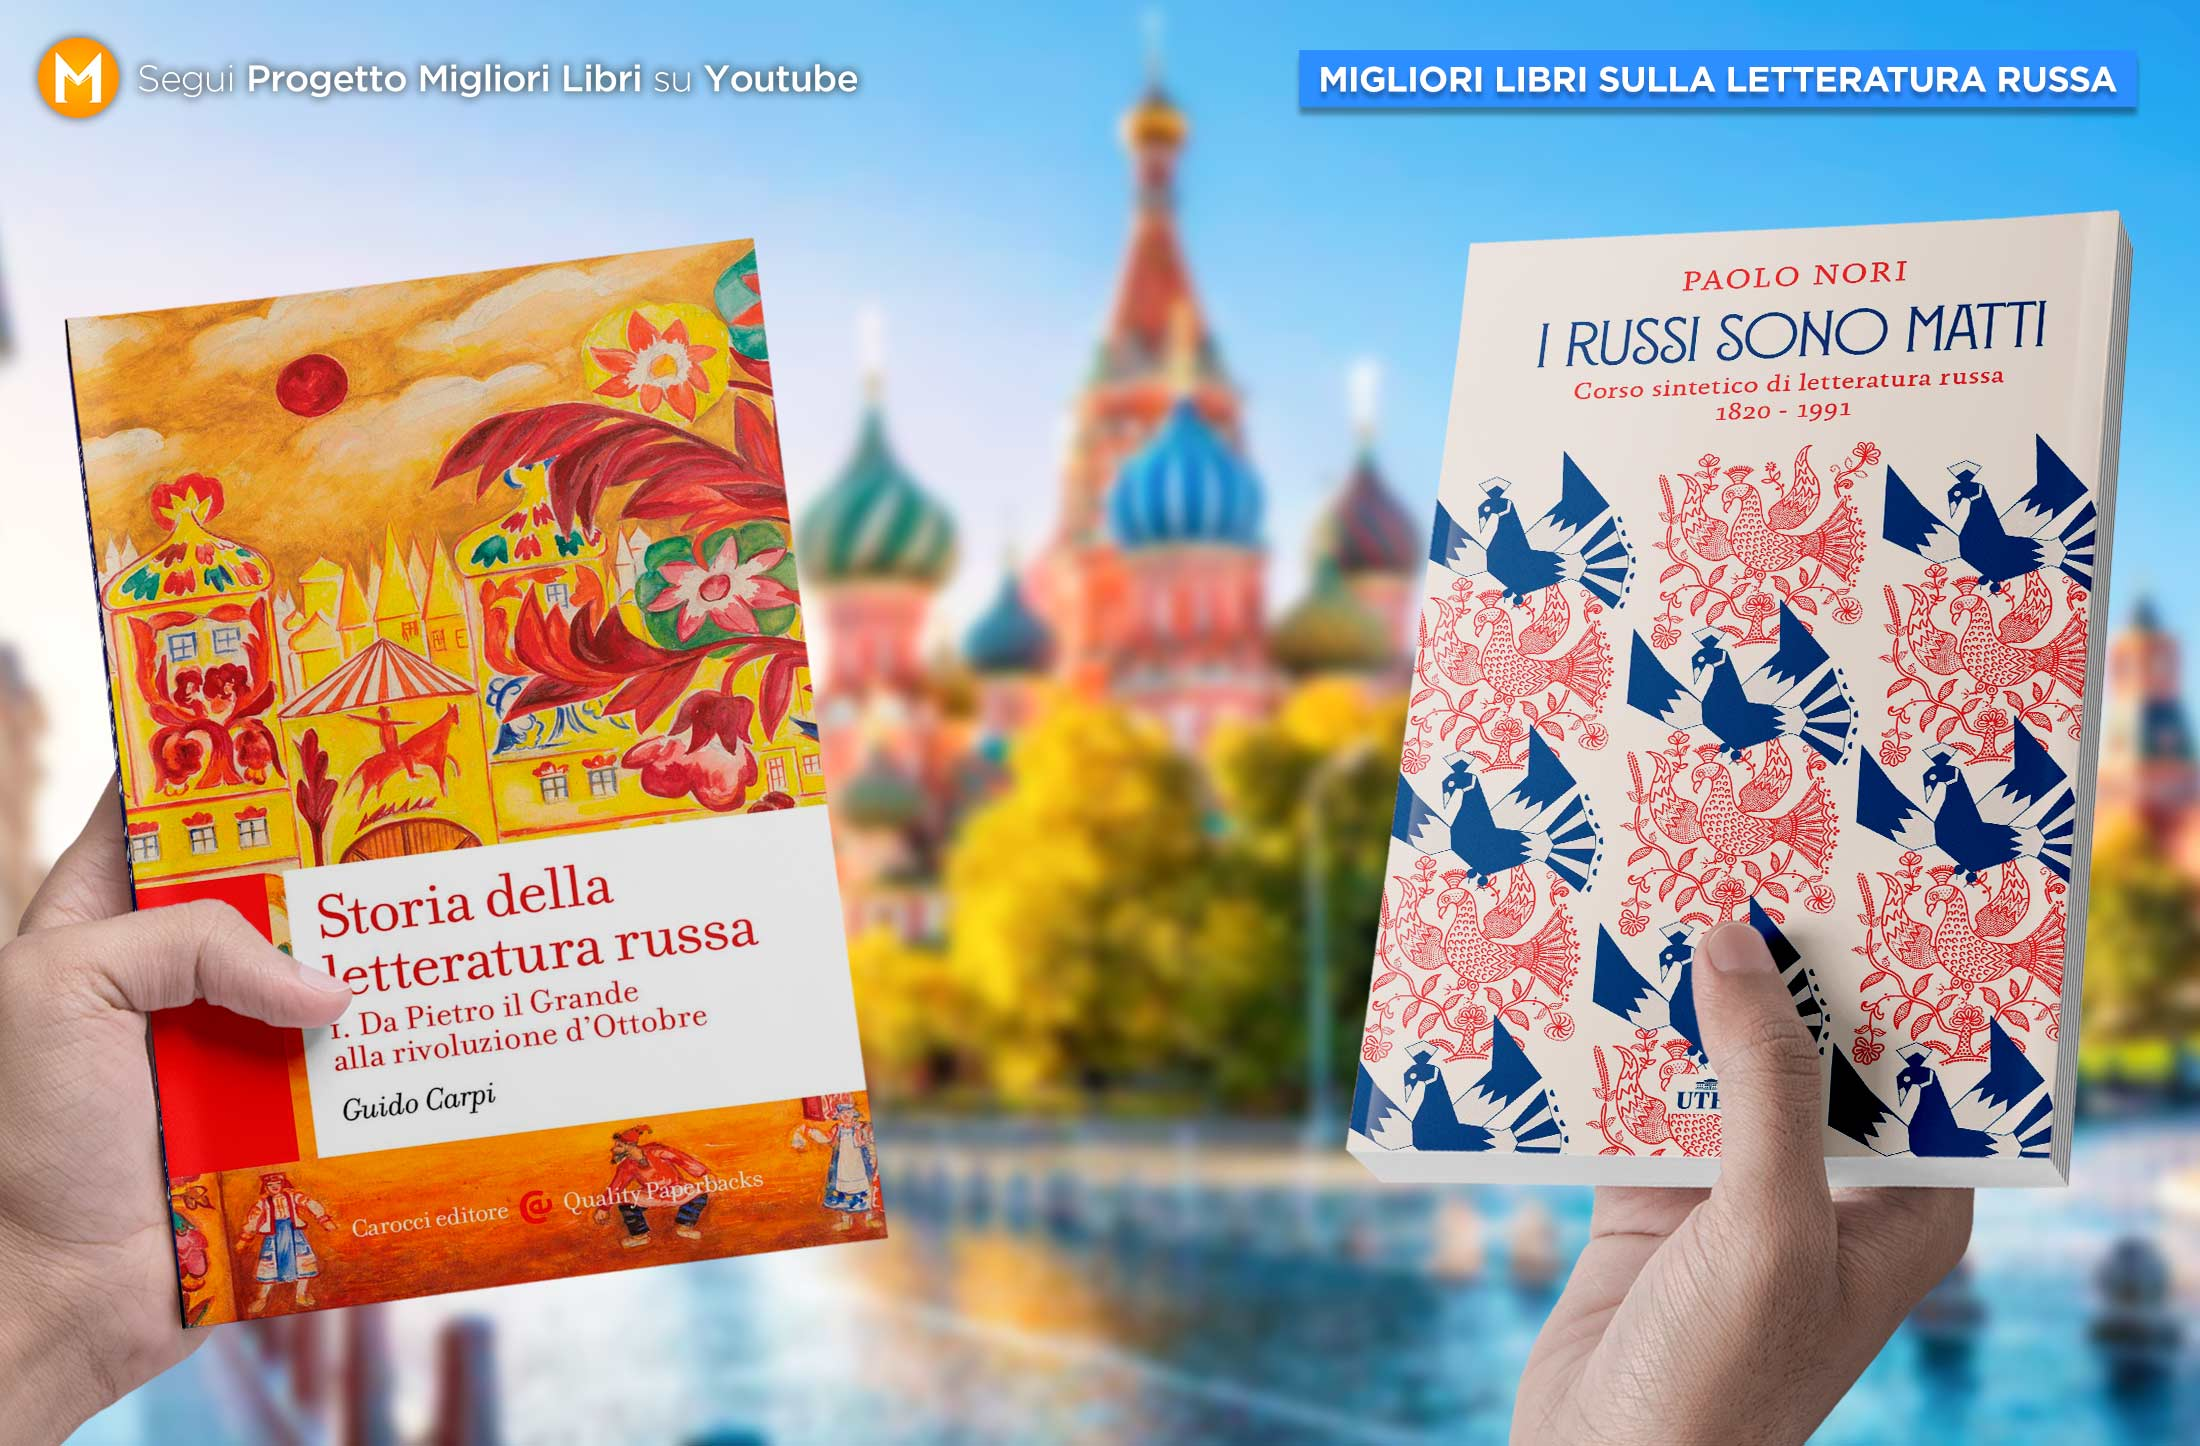 migliori-libri-sulla-letteratura-russa-saggi